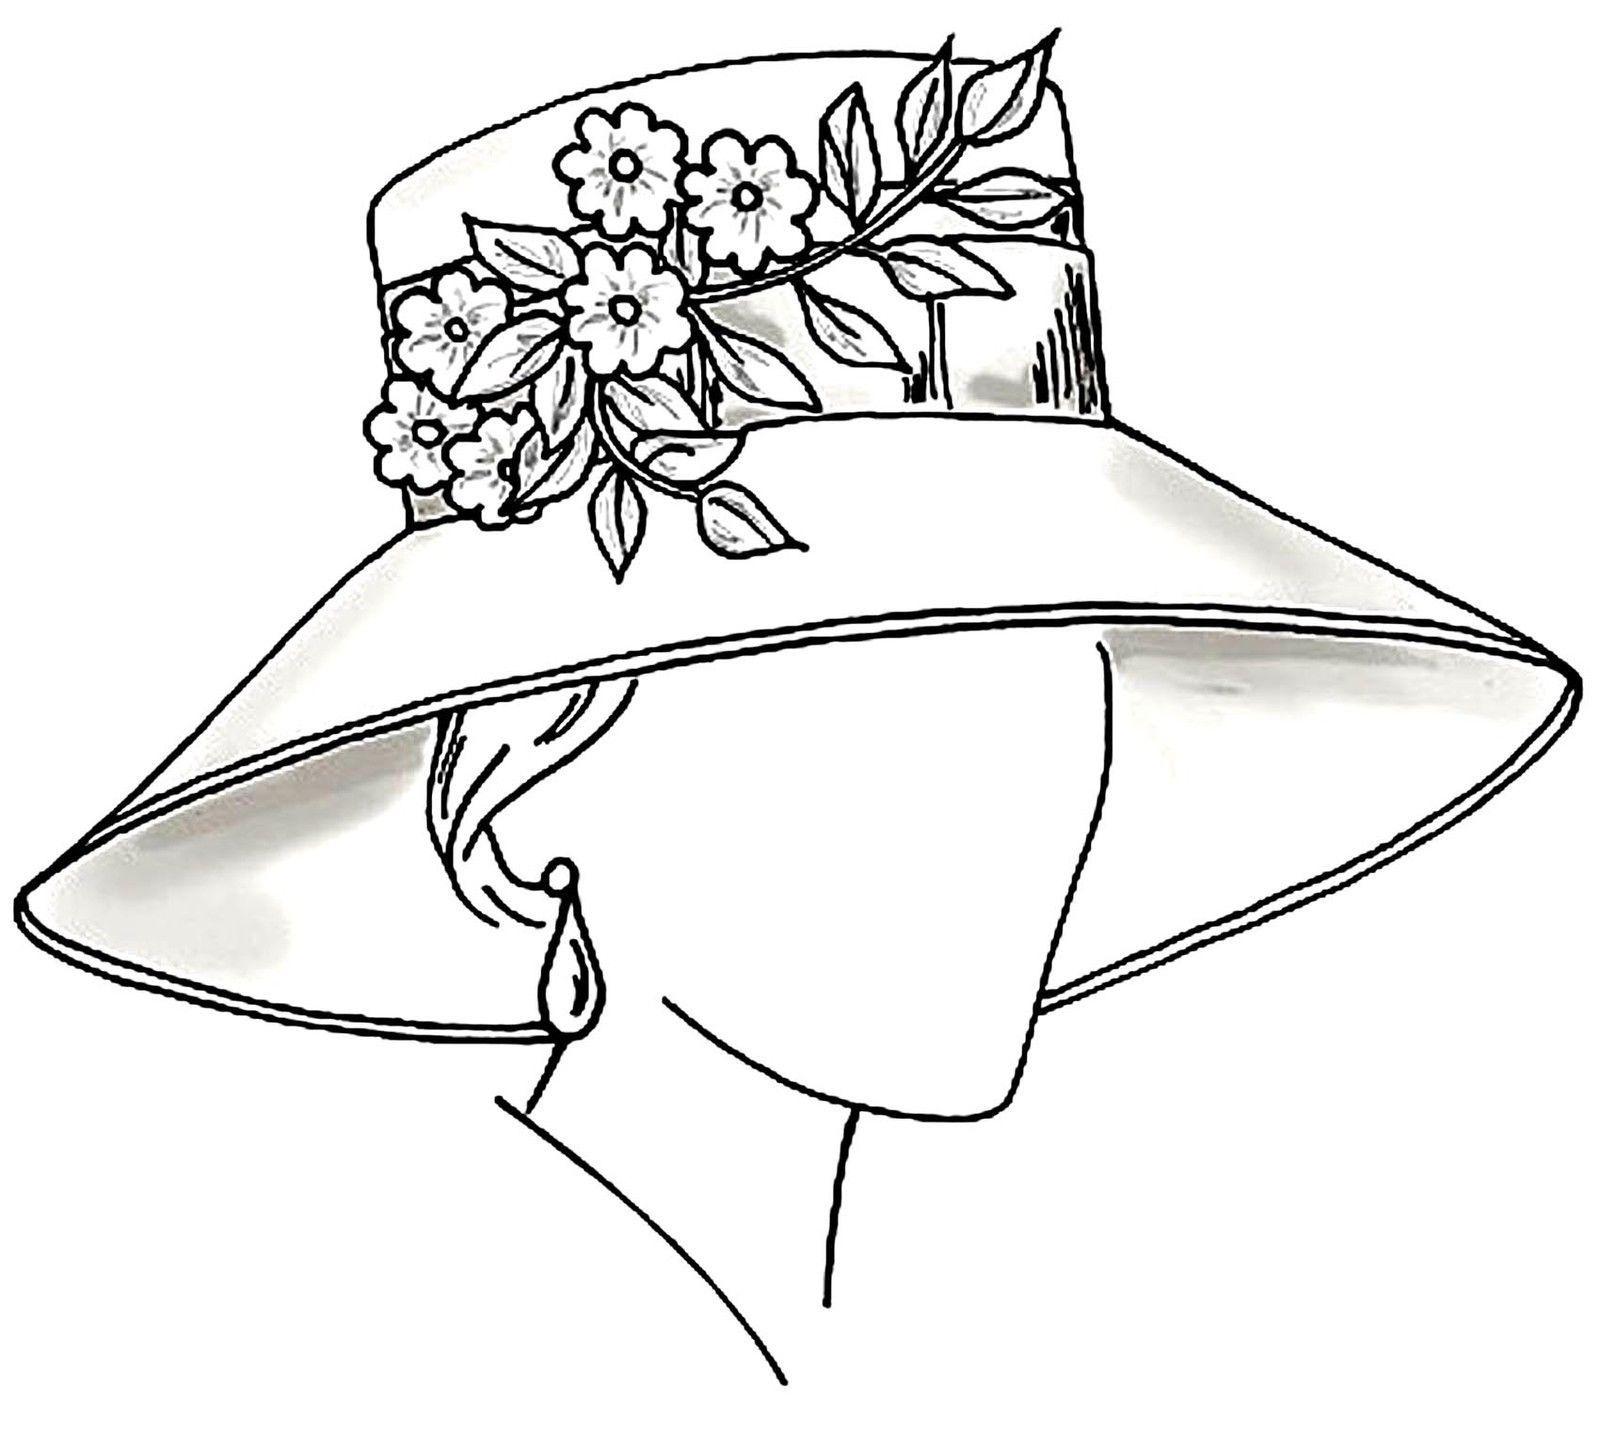 головные женские уборы шляпки картинки раскраски мебель создаст